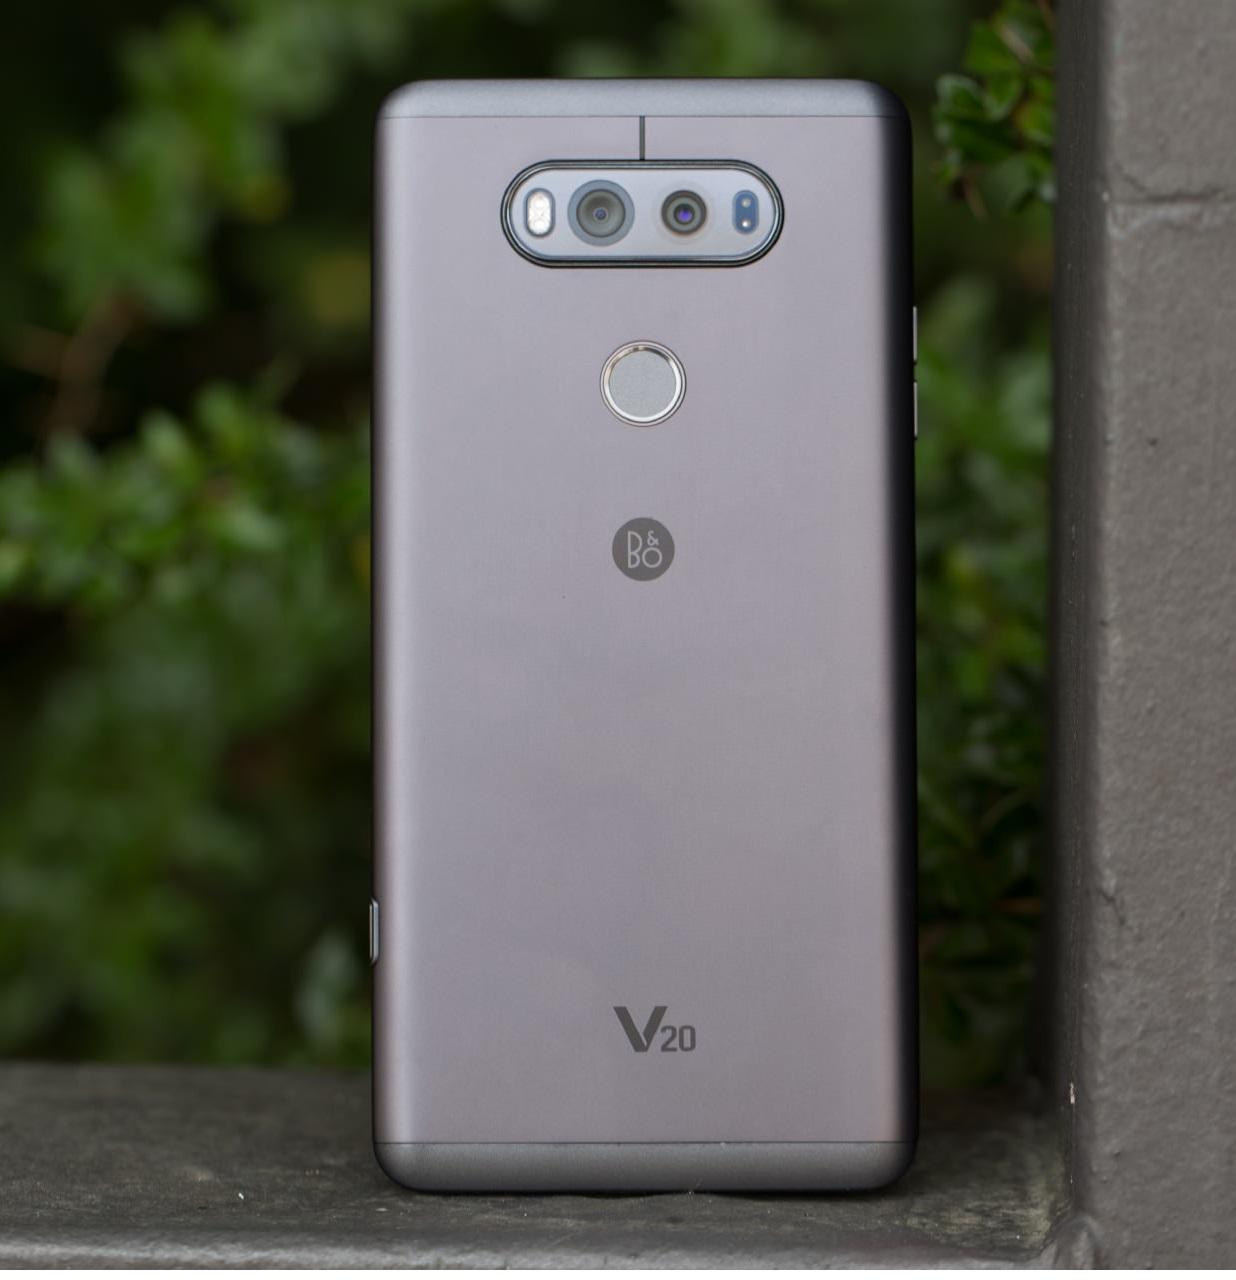 LG V20 در مقایسه با تمامی محصولات رقیب چگونه است